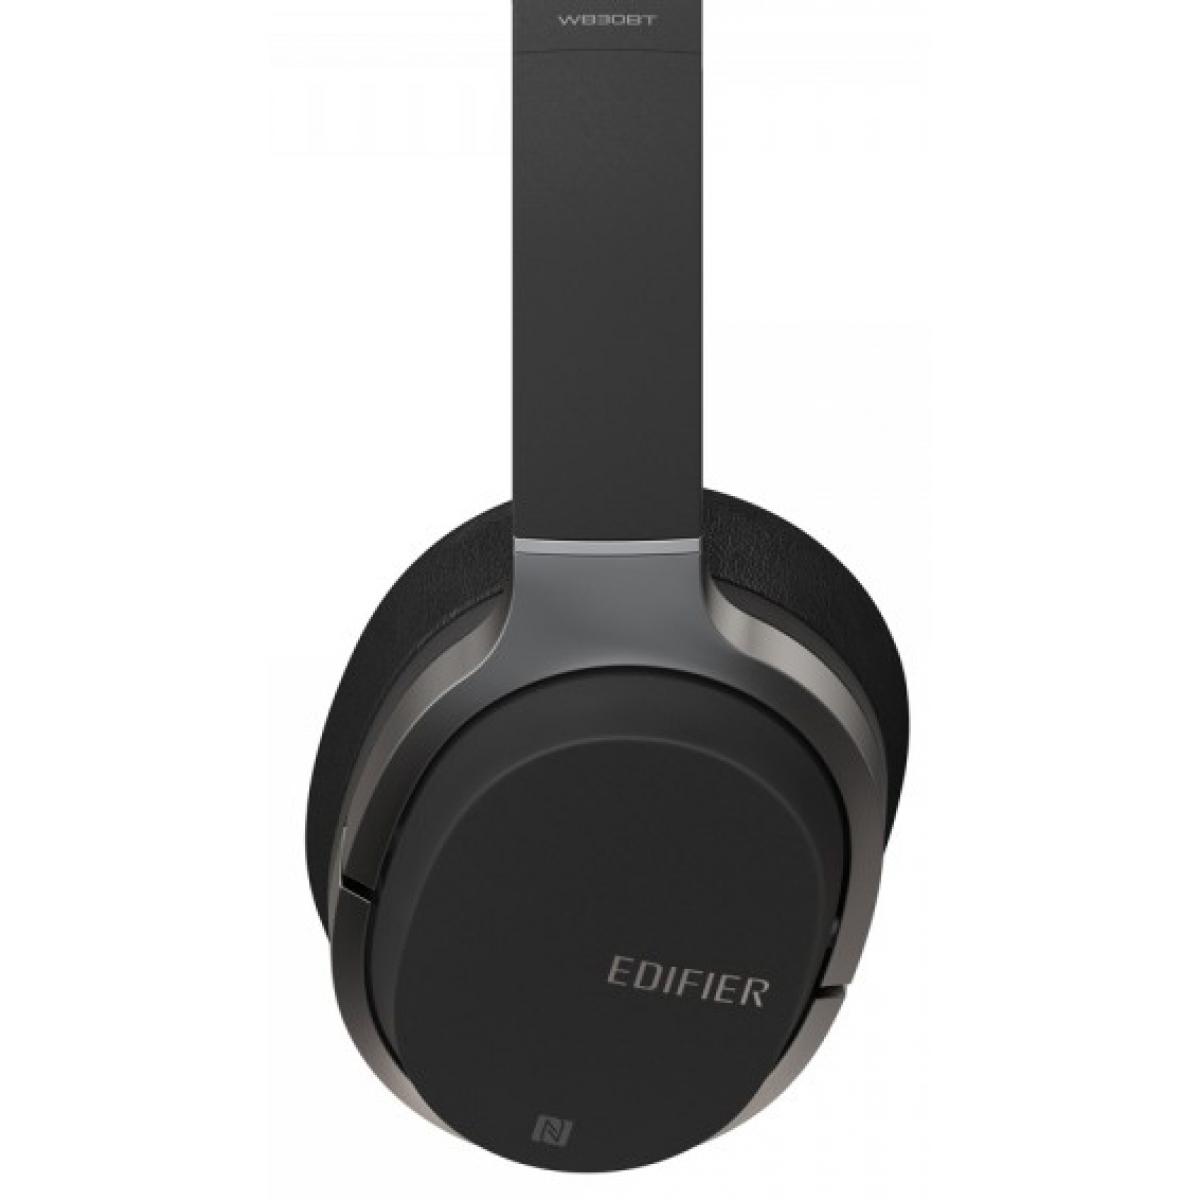 Headset Gamer Edifier W830BT, Bluetooth, Black - Open Box